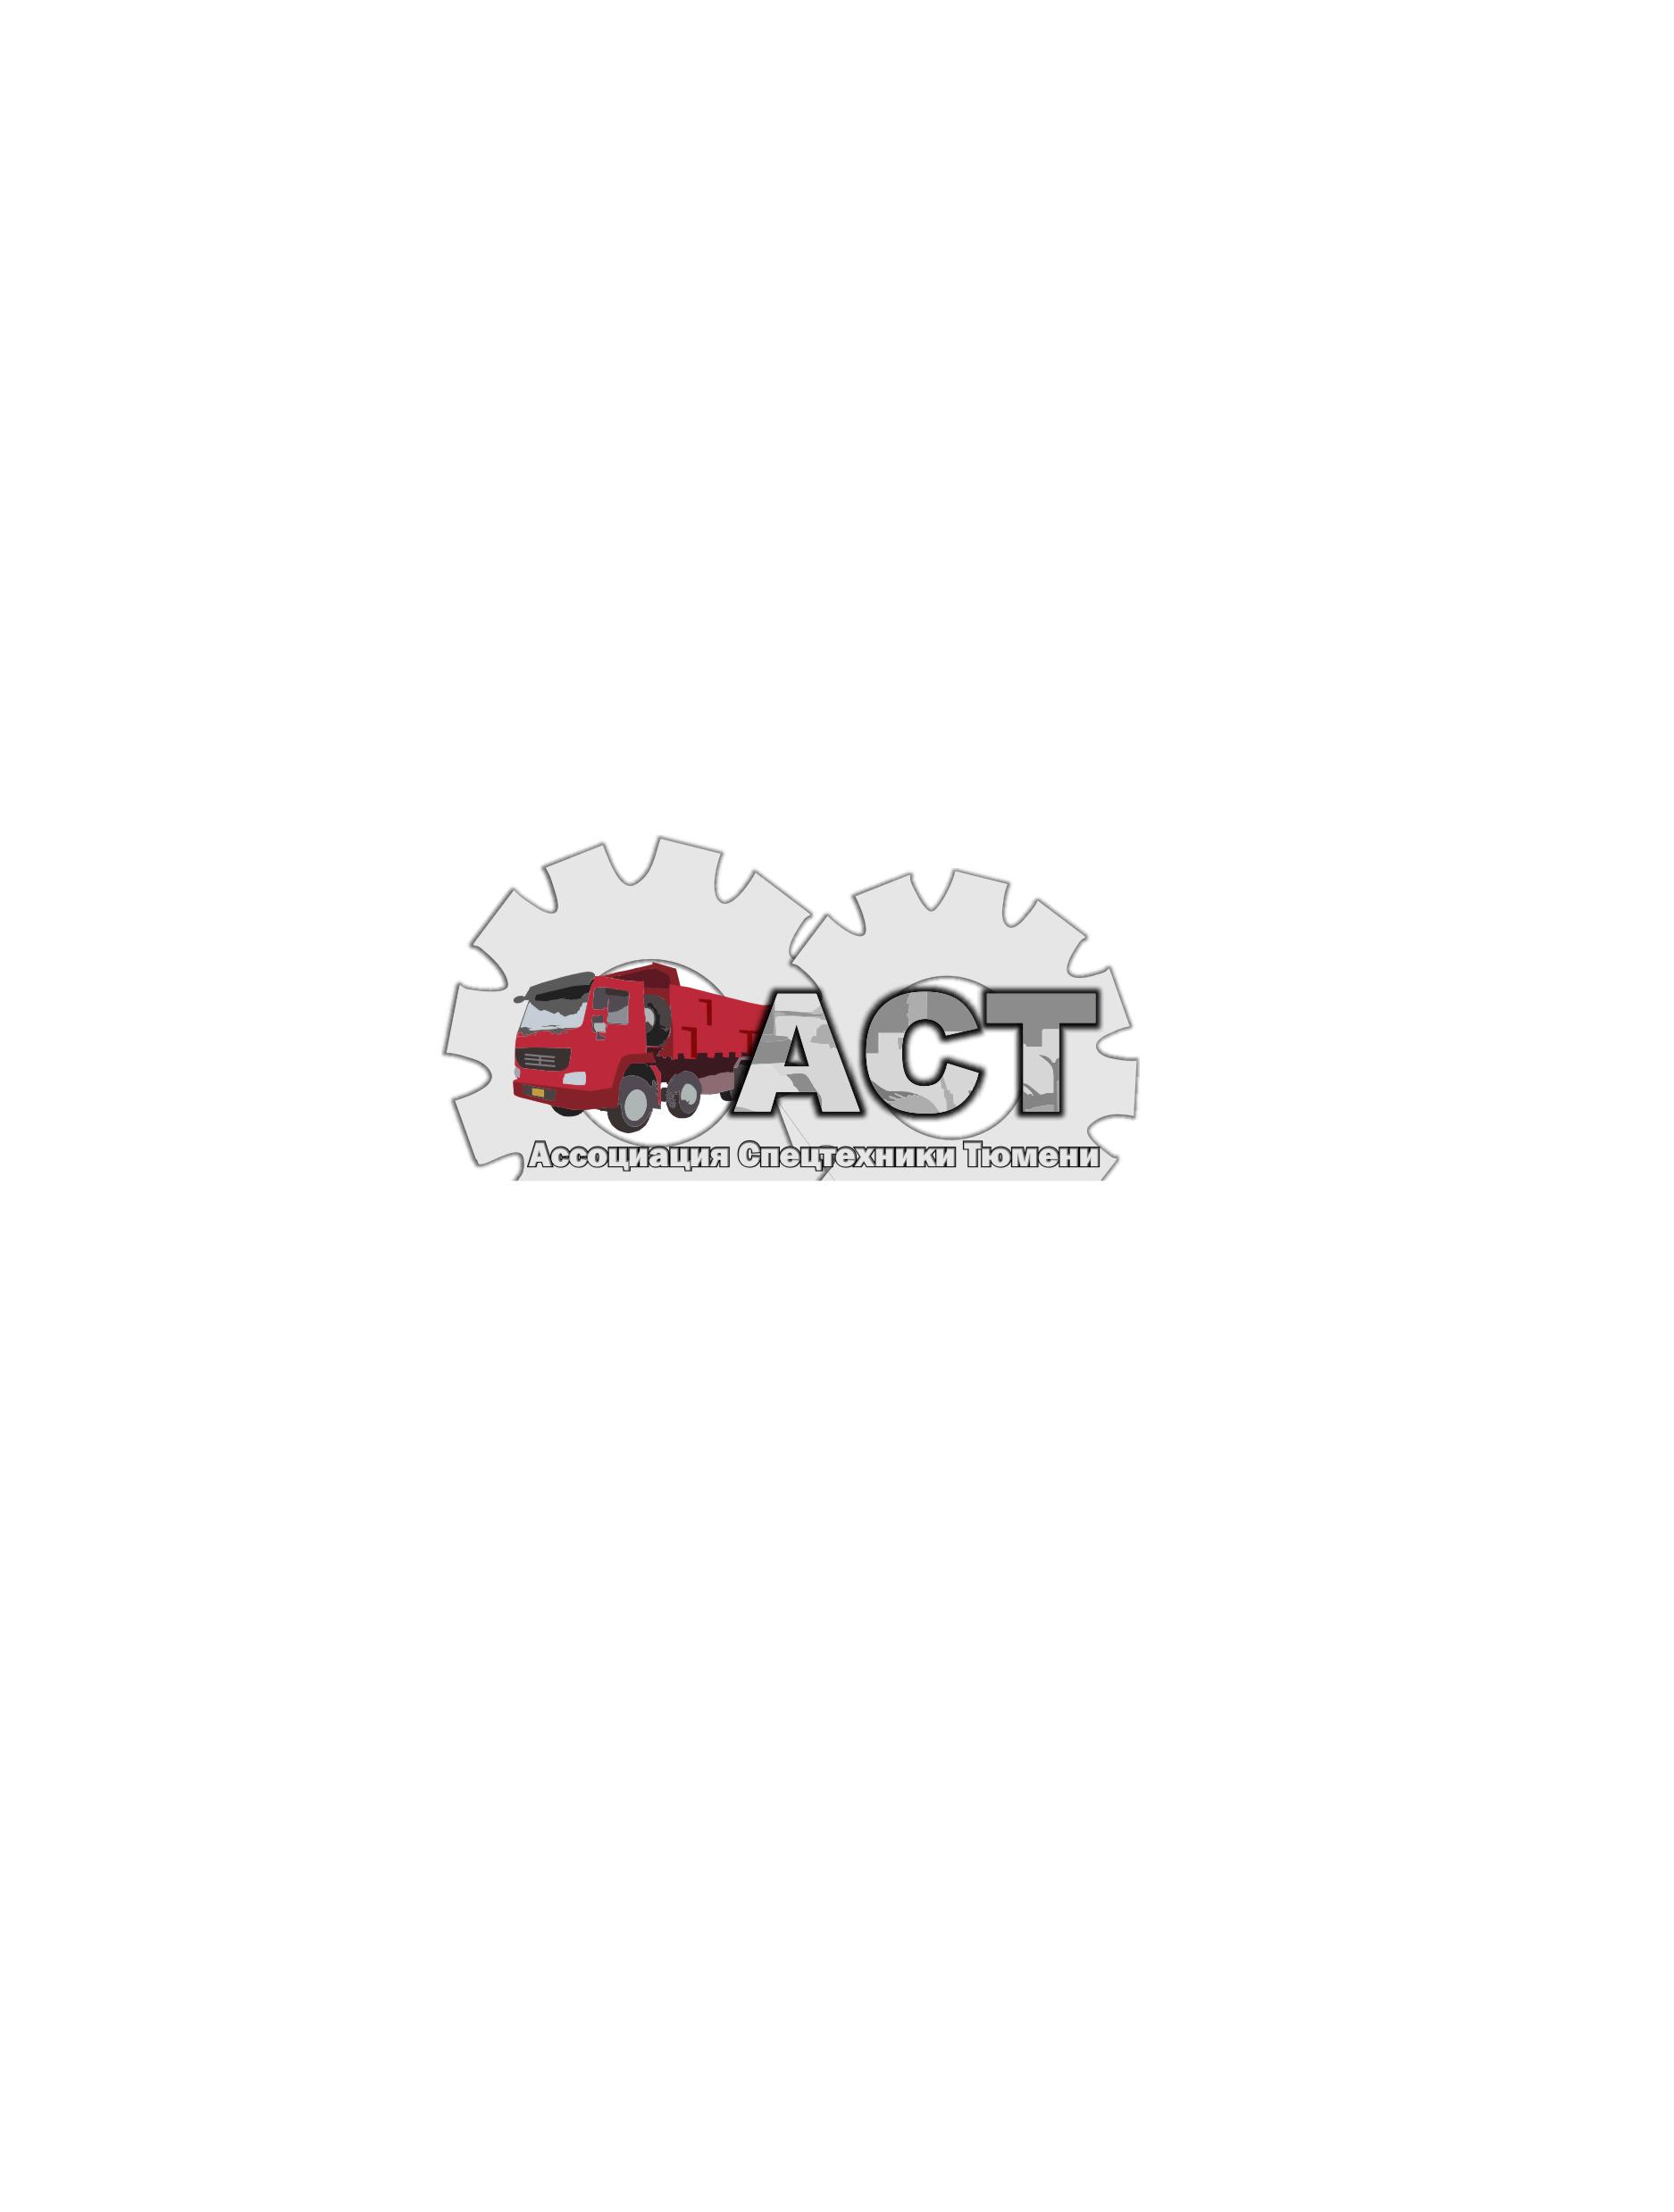 Логотип для Ассоциации спецтехники фото f_995515066e7e7ce9.jpg